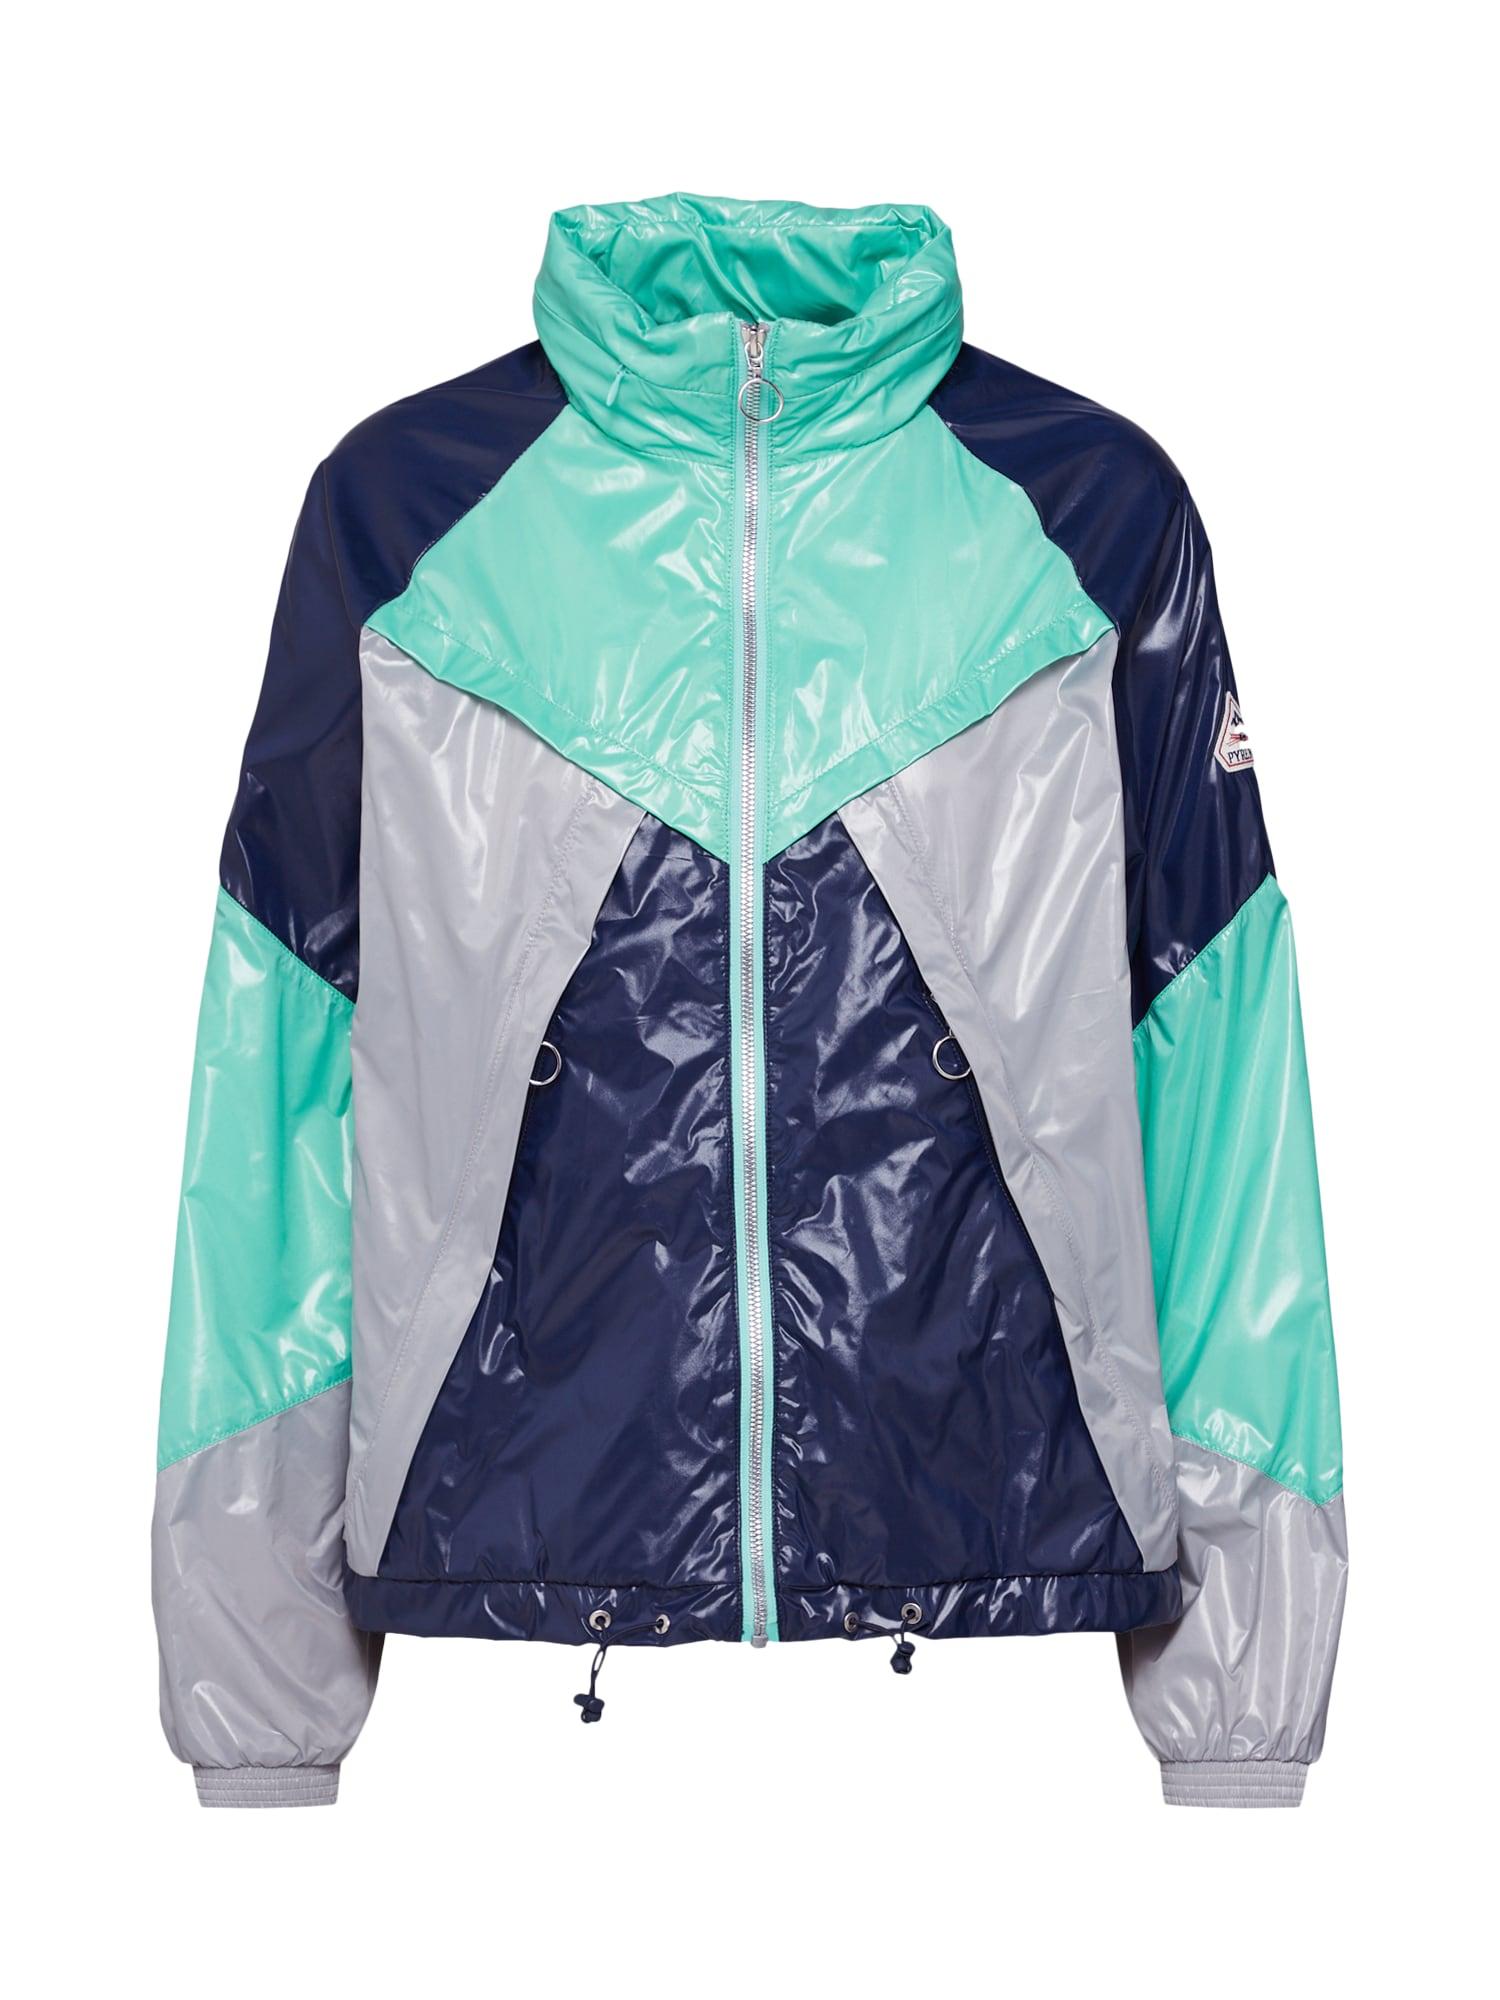 Přechodná bunda Motola kobaltová modř šedá zelená PYRENEX